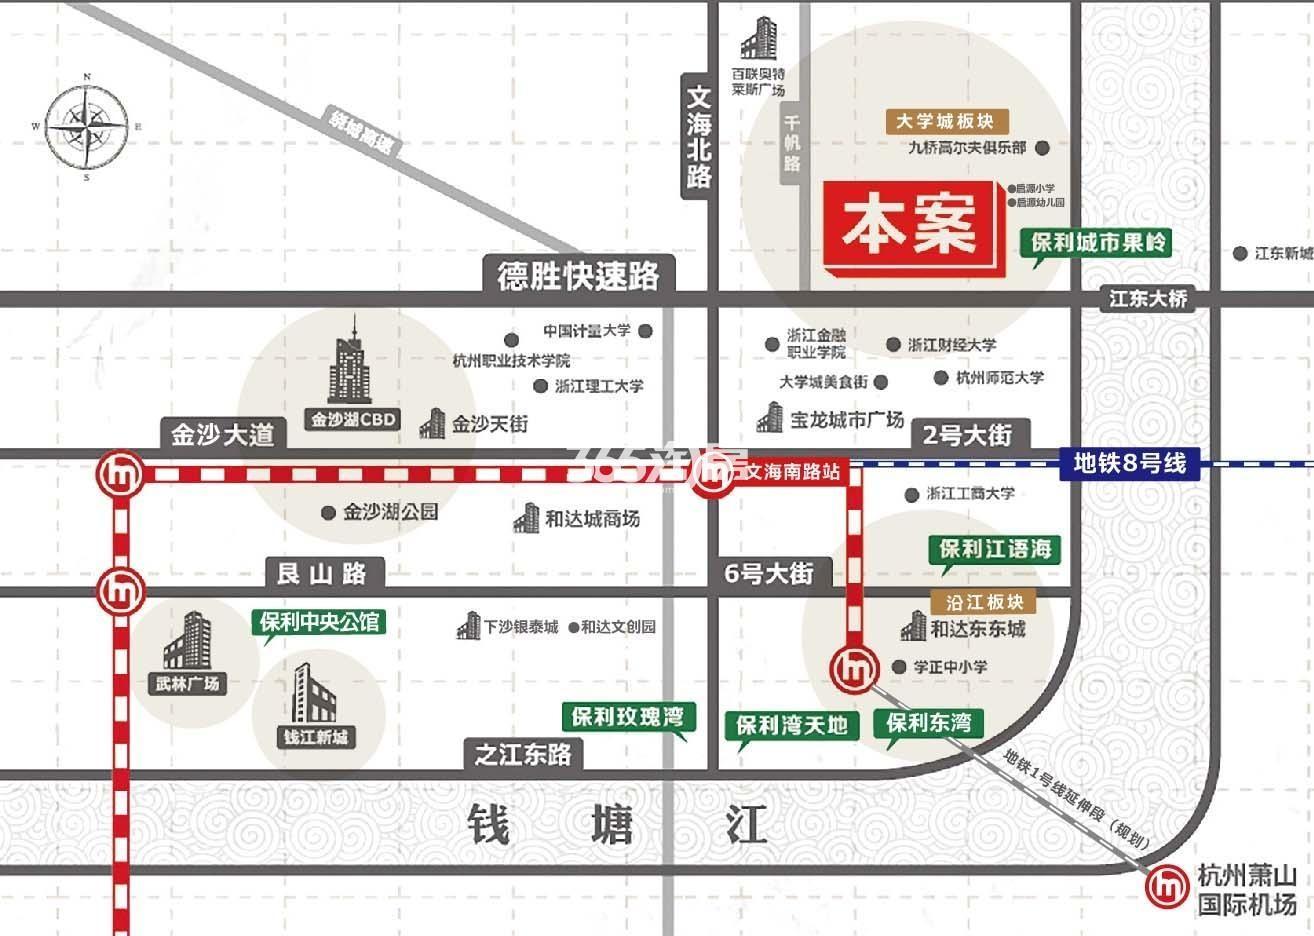 中国铁建保利像素交通图